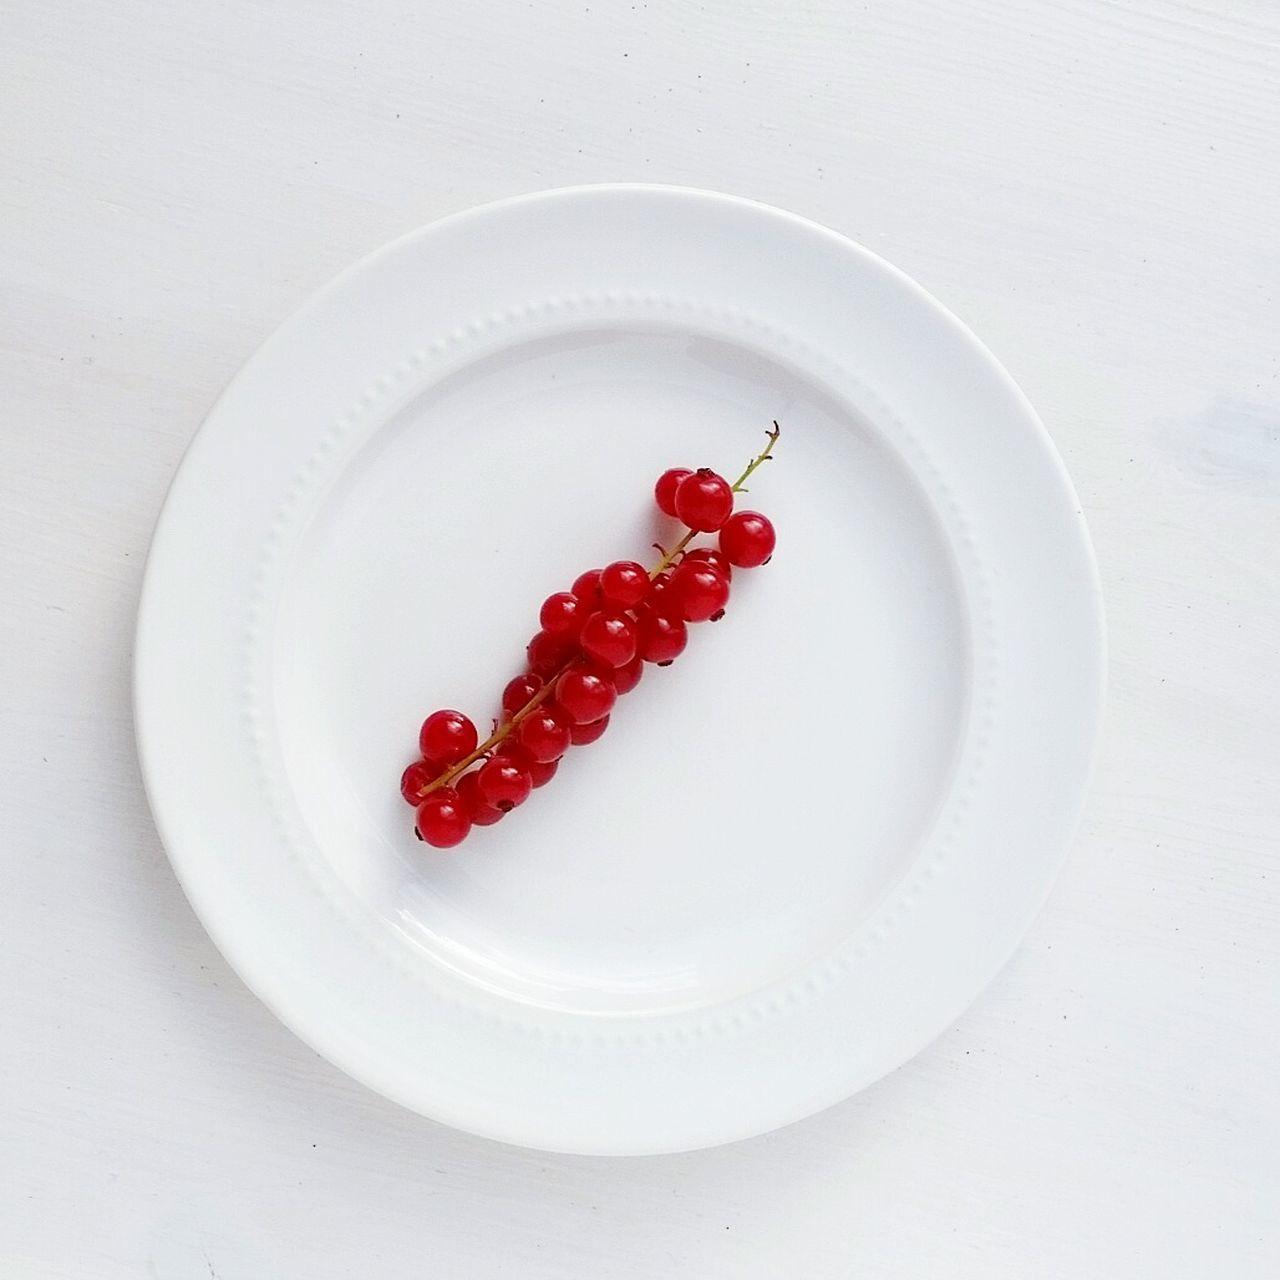 Fruit Redcurrant Minimal